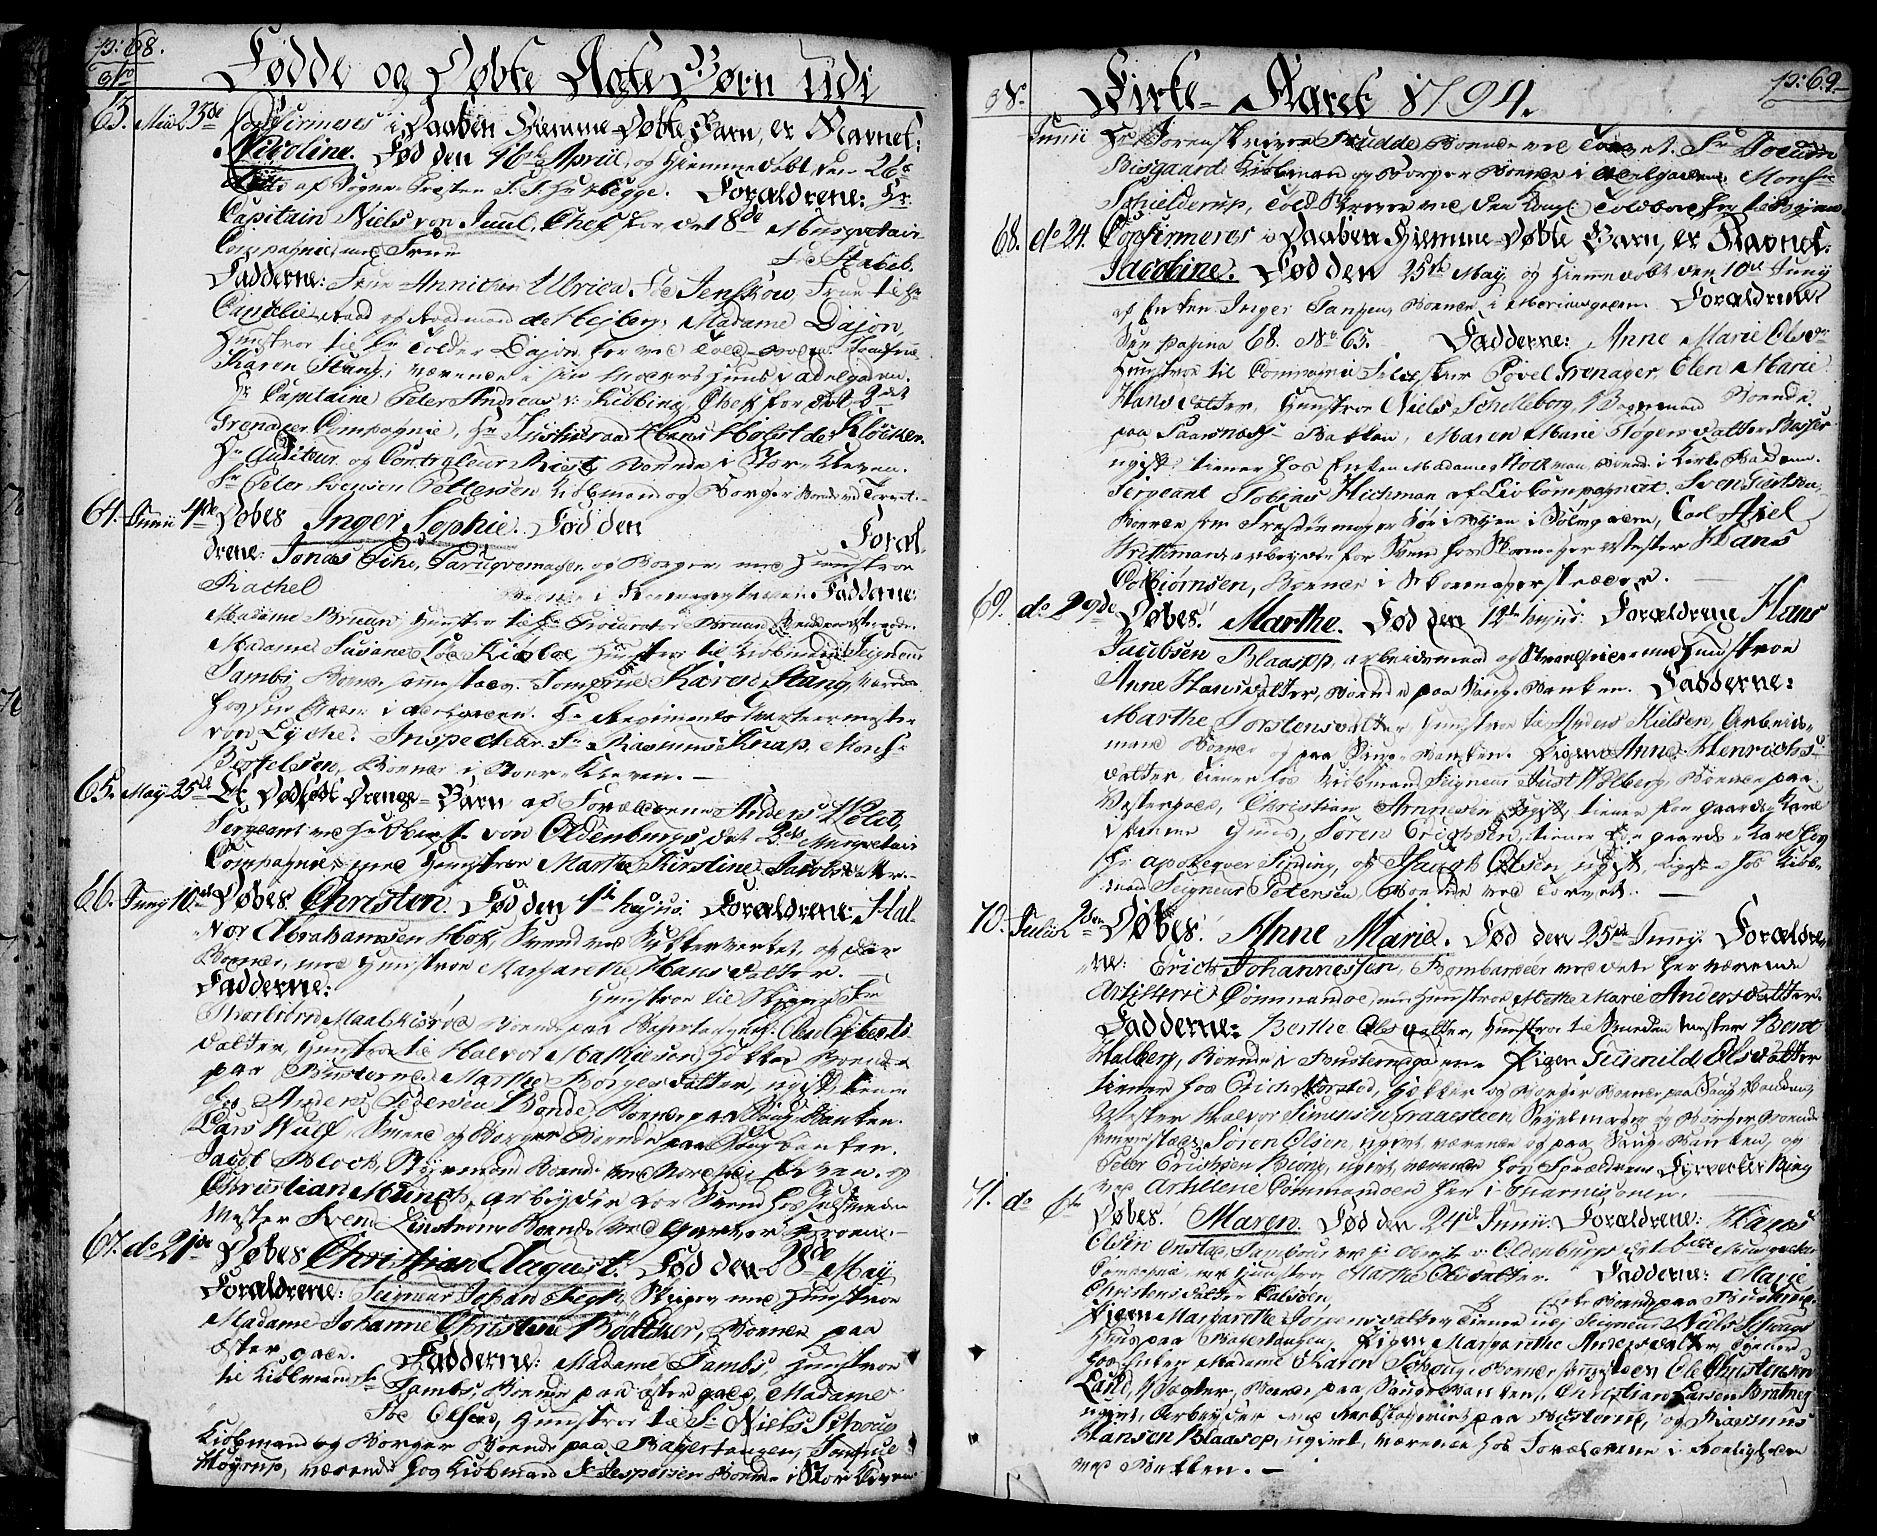 SAO, Halden prestekontor Kirkebøker, F/Fa/L0002: Ministerialbok nr. I 2, 1792-1812, s. 68-69